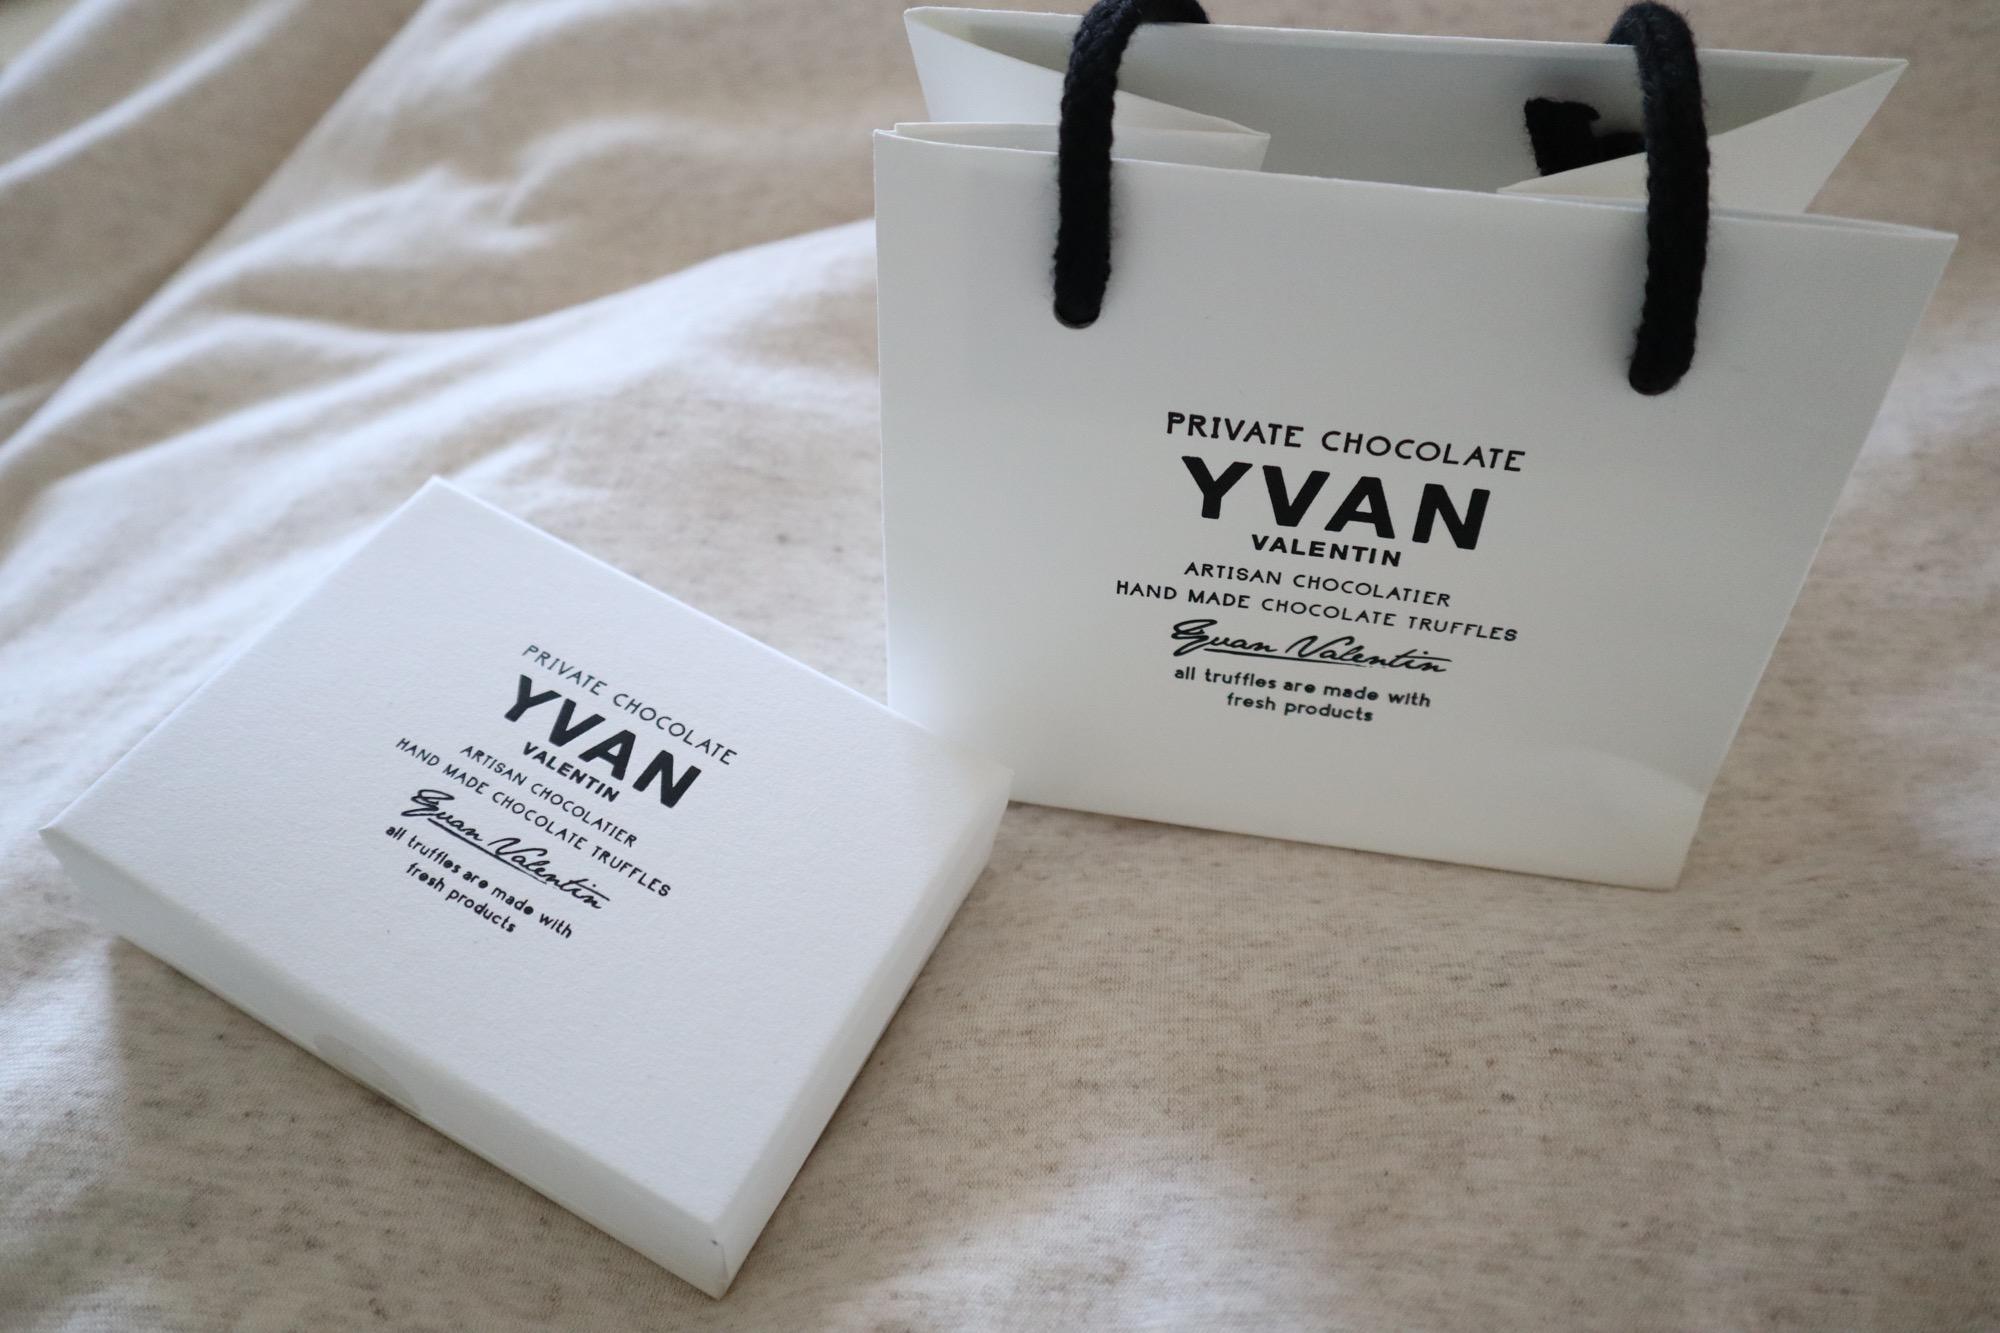 《2021バレンタイン❤️》完売必至!あの!激レア【YVAN VALENTIN】チョコ購入方法をレポ☝︎❤︎_3